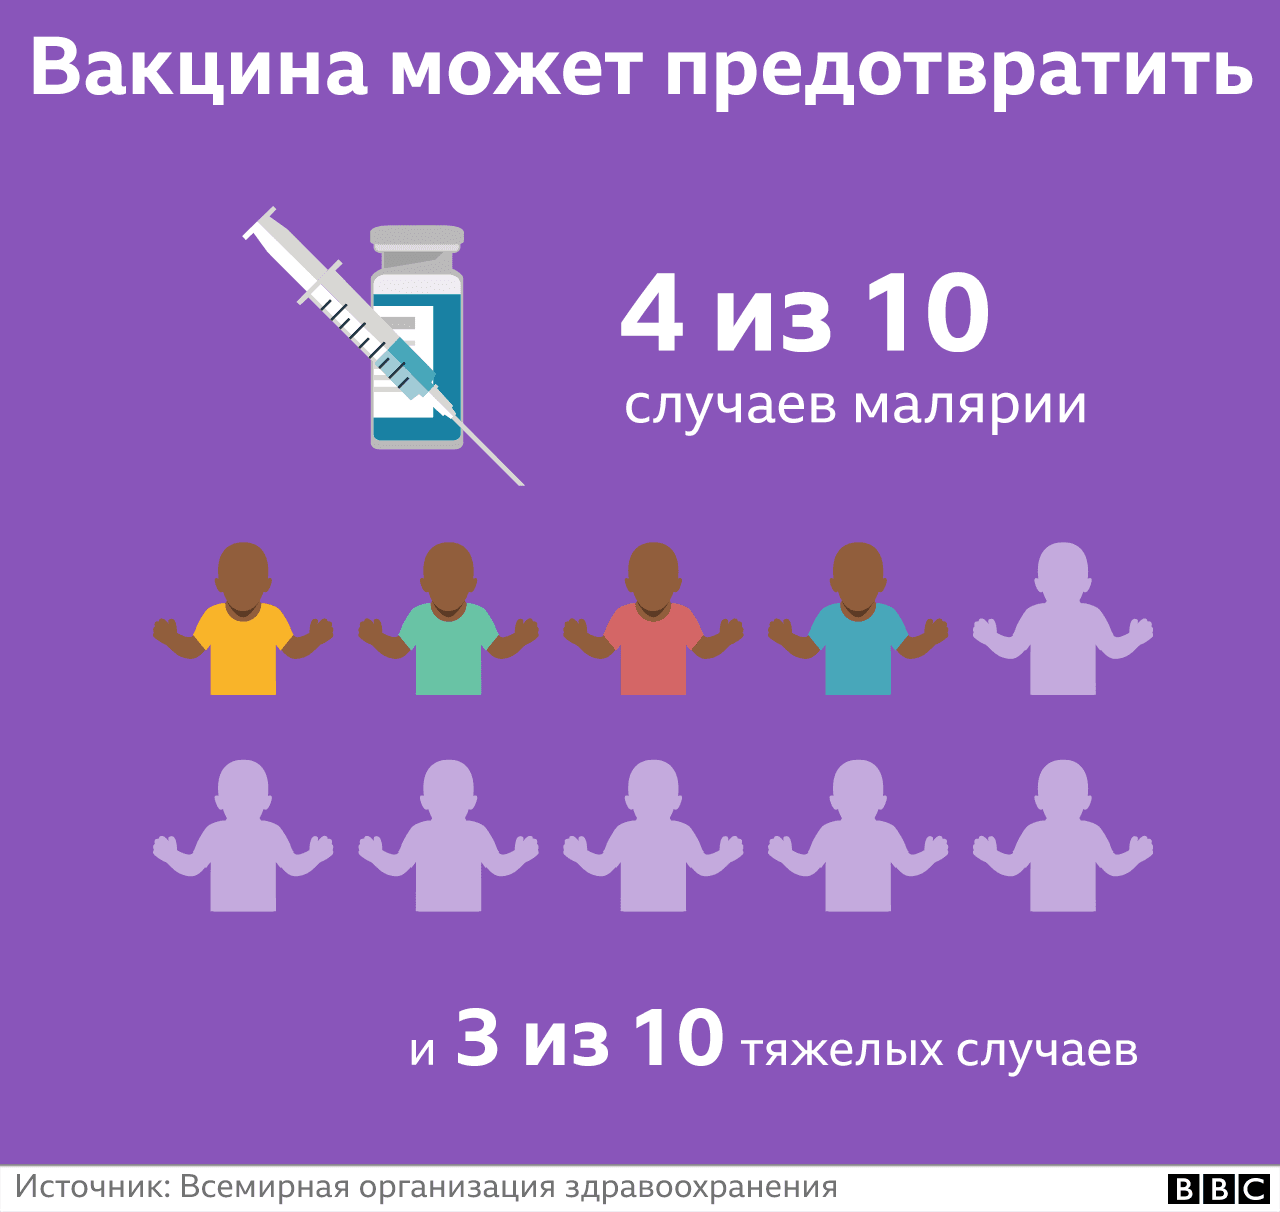 Вакцина может предотвратить только 4 из 10 заболеваний